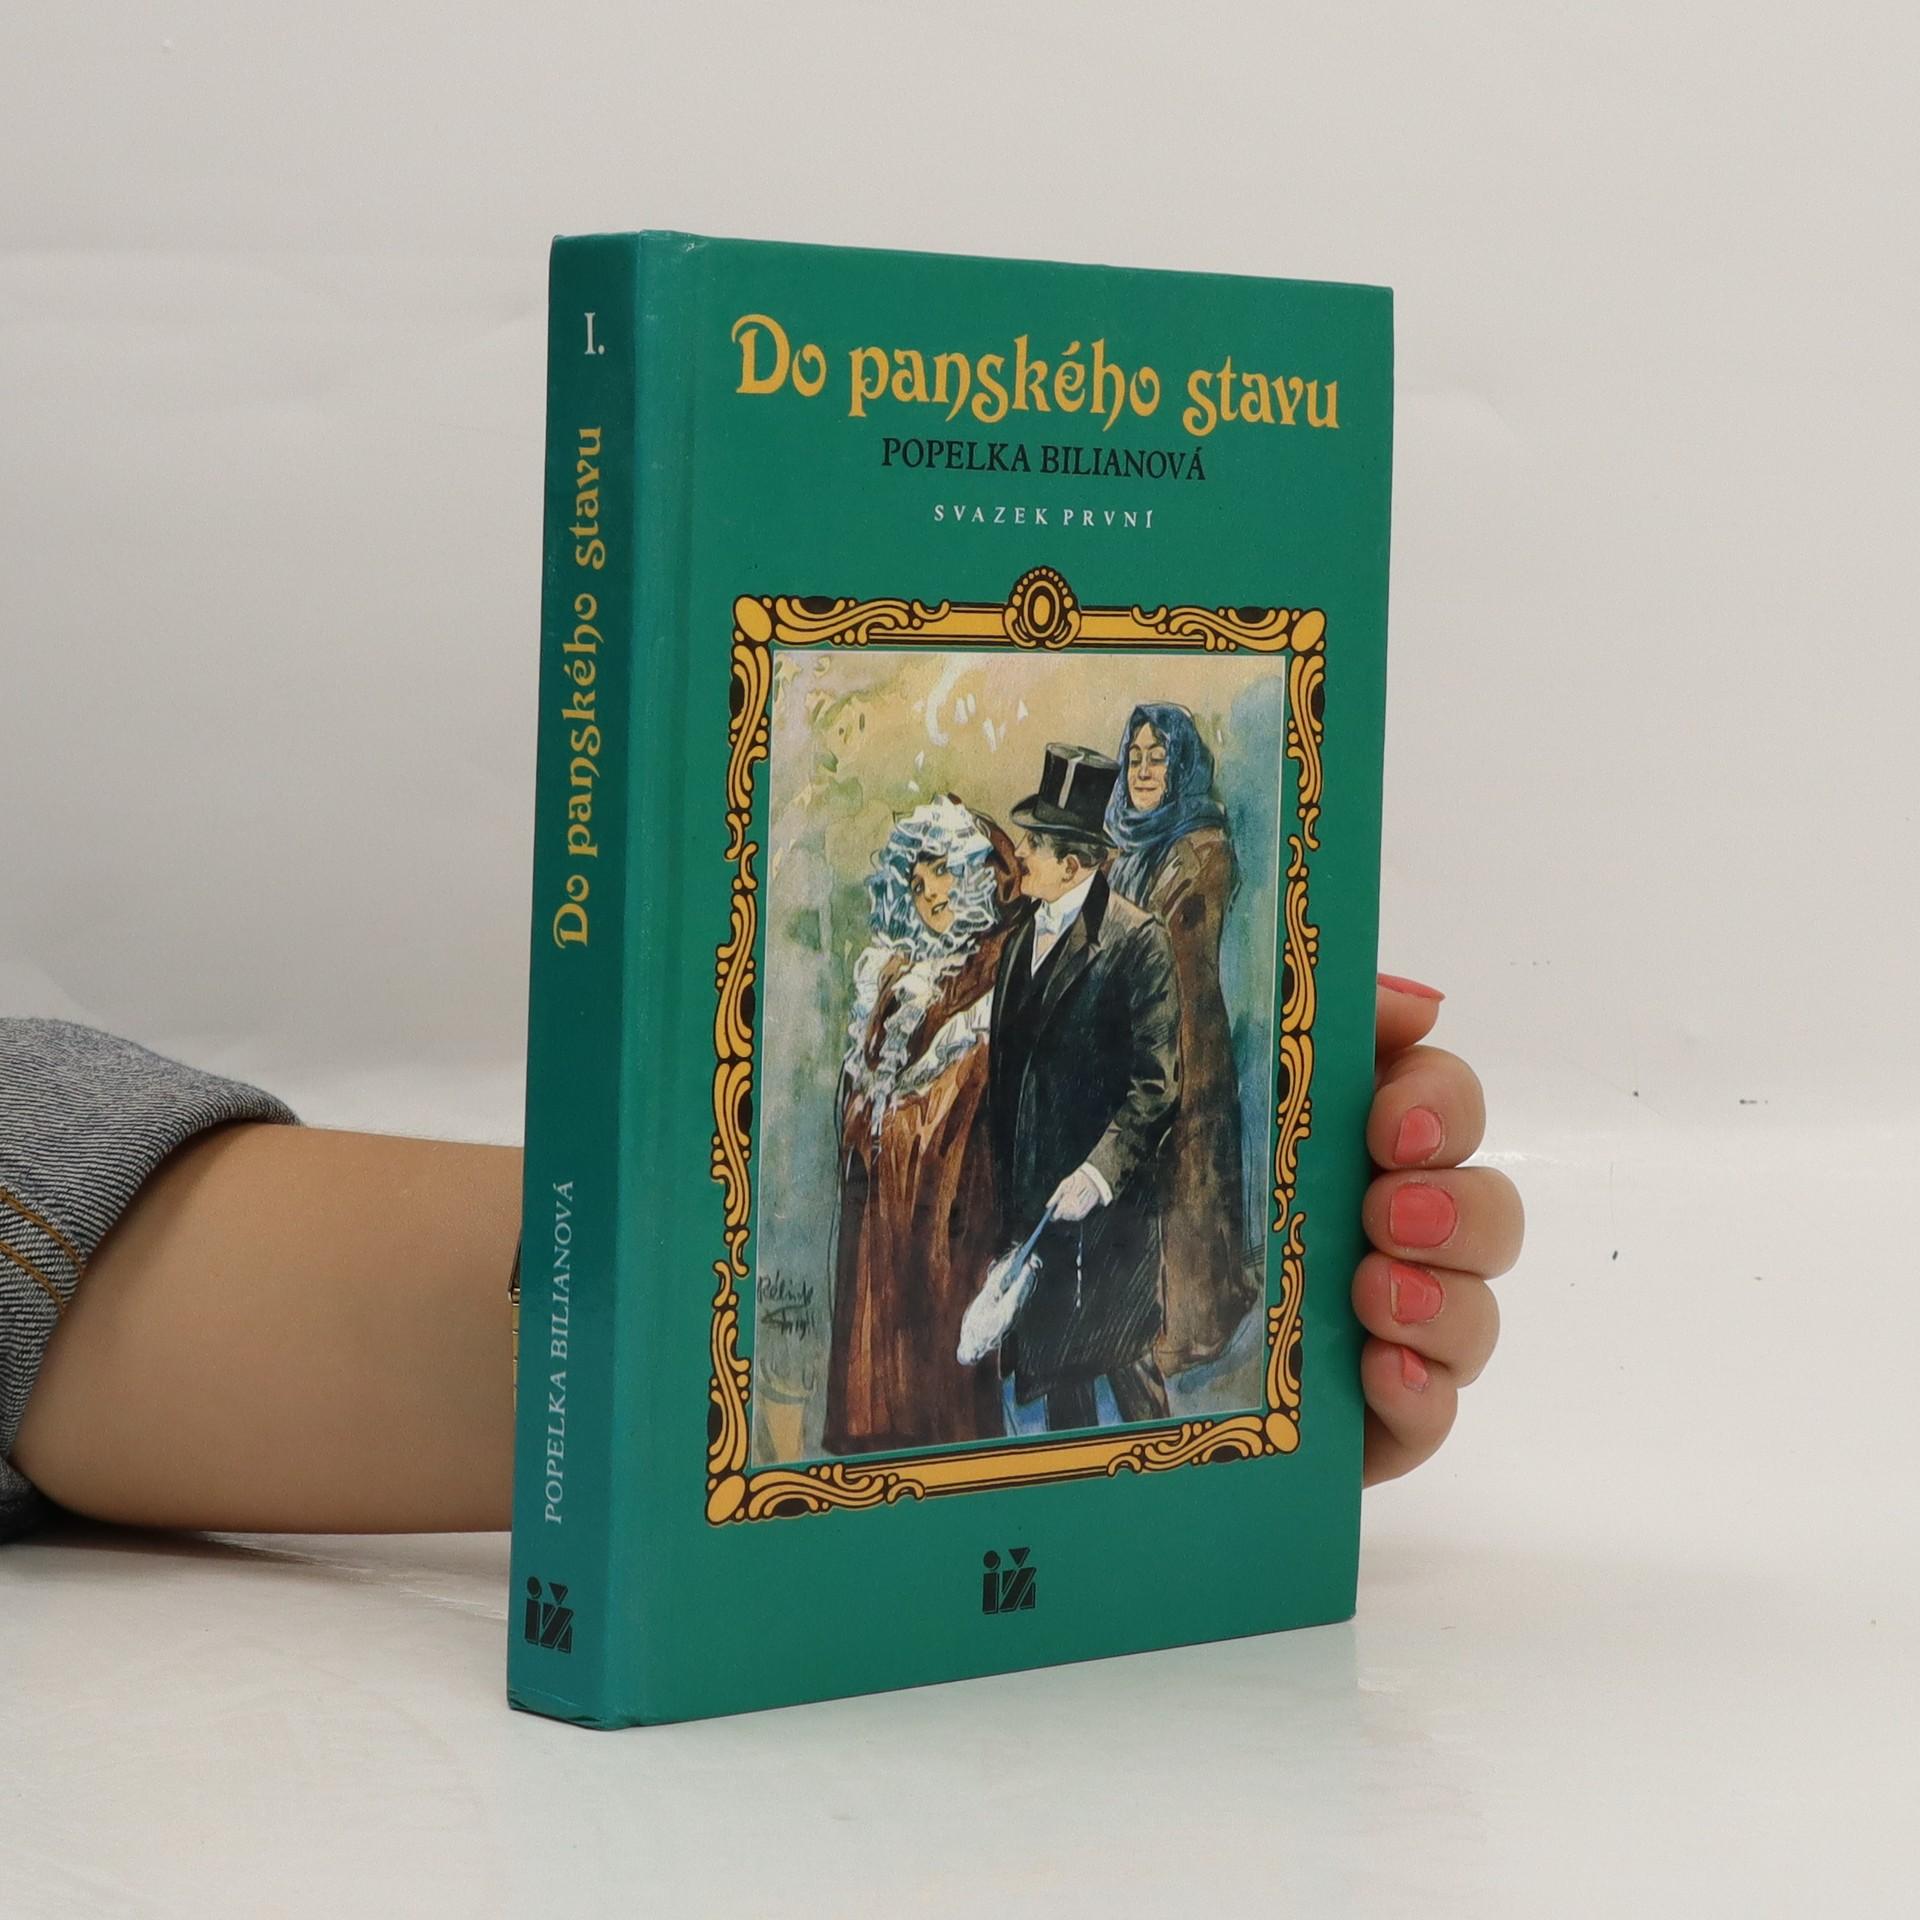 antikvární kniha Do panského stavu. Sv. 1, 1992